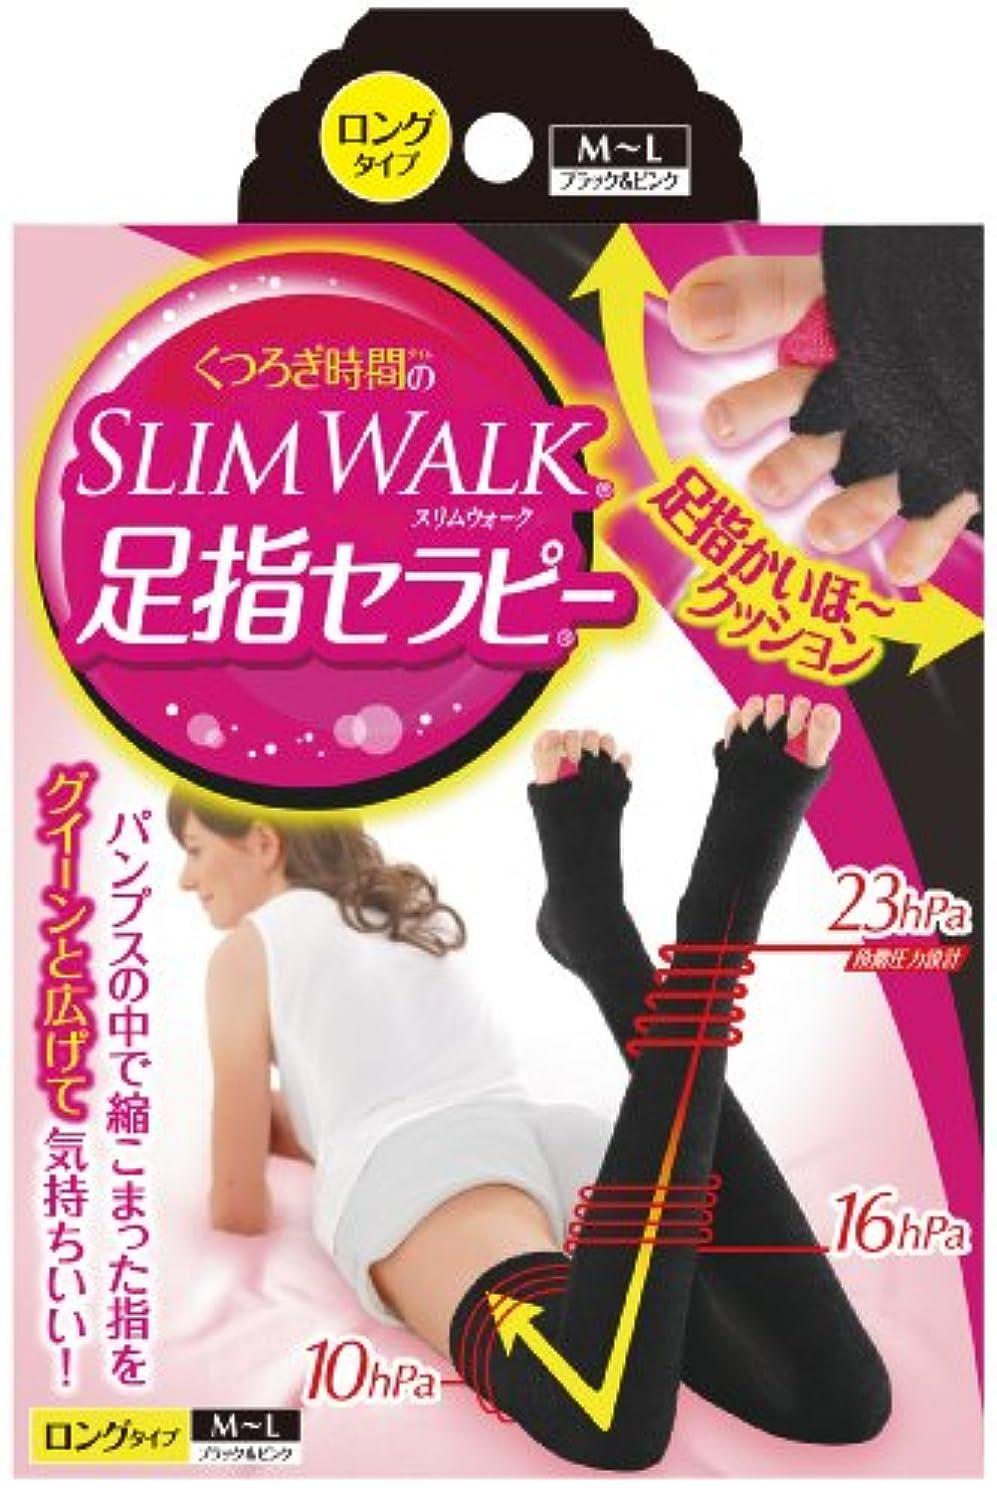 完璧なシールド枠スリムウォーク 足指セラピー (冬用) ロングタイプ M-Lサイズ ブラック&ピンク(SLIMWALK,split open-toe socks,ML)